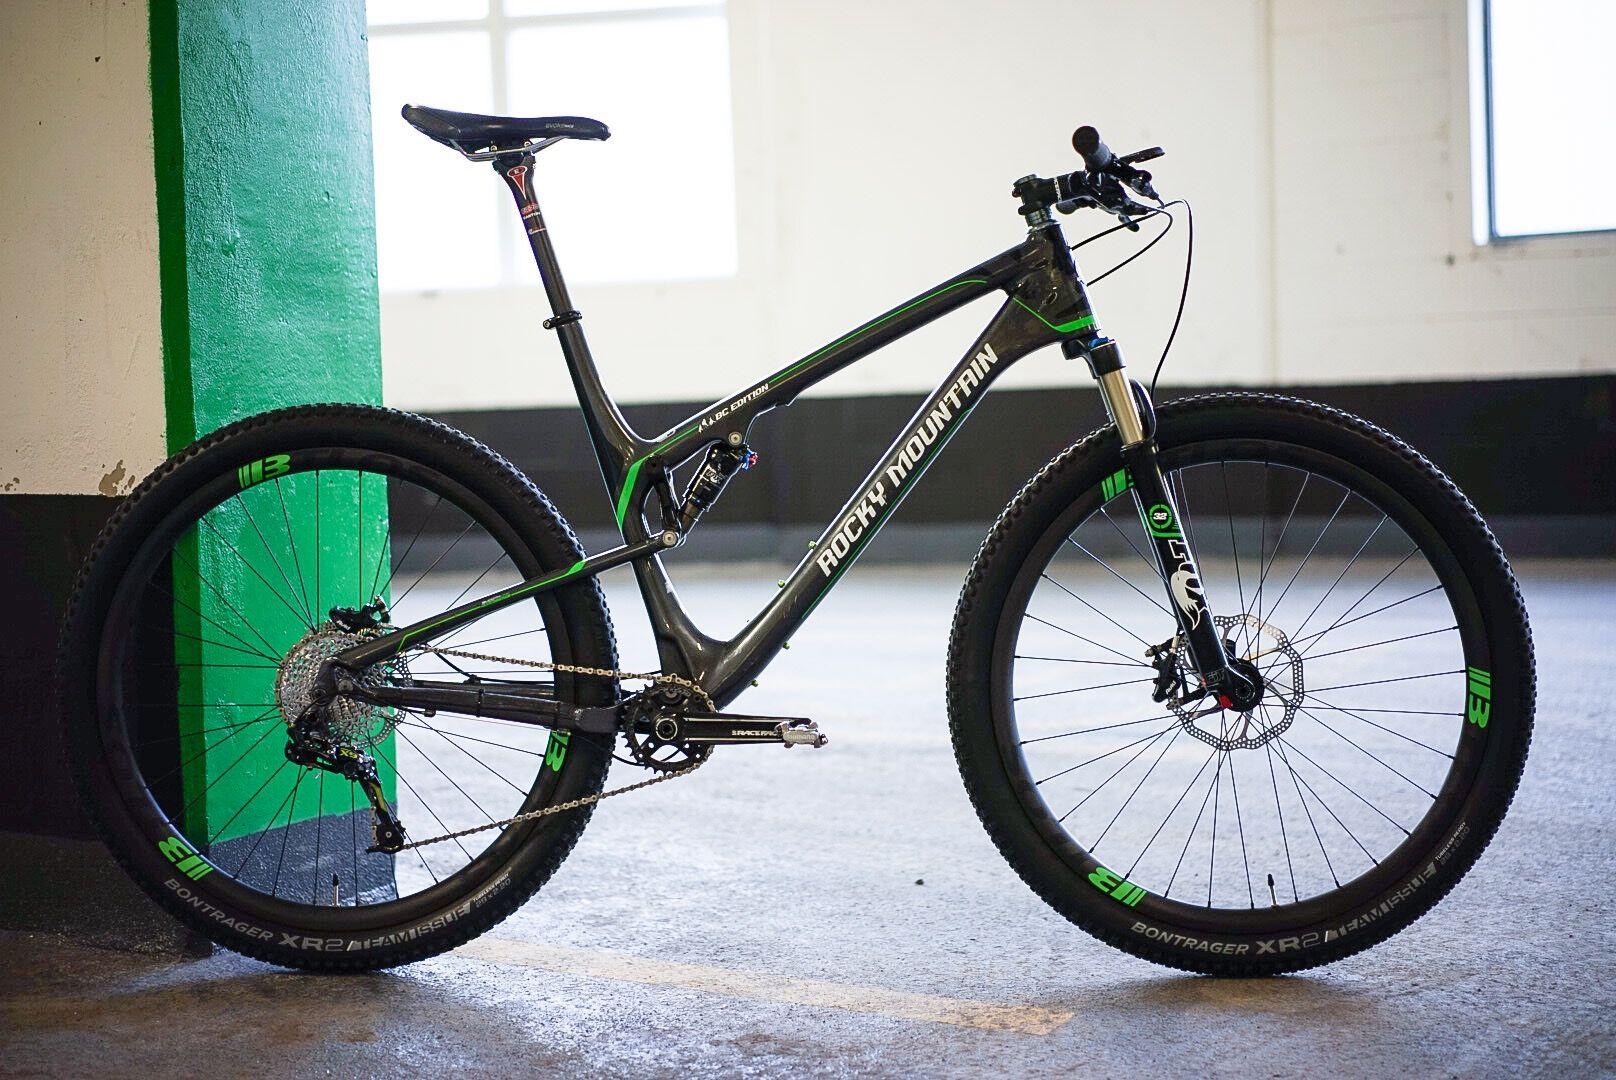 36mm carbon rim